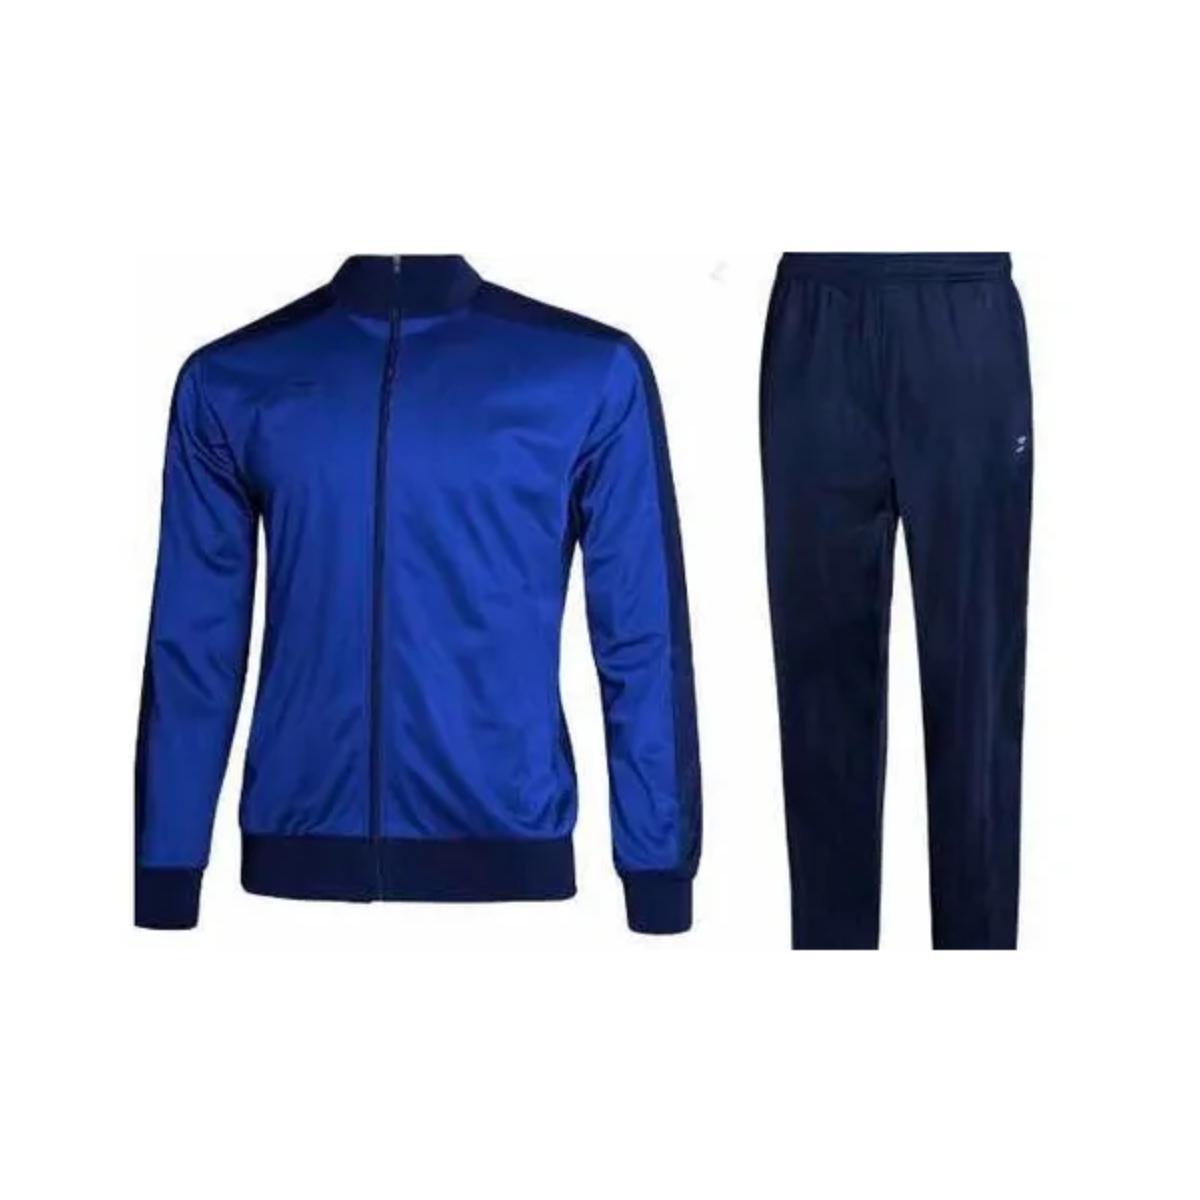 Abrigo Masculino Penalty 355233 6921 Clássico Marinho/azul